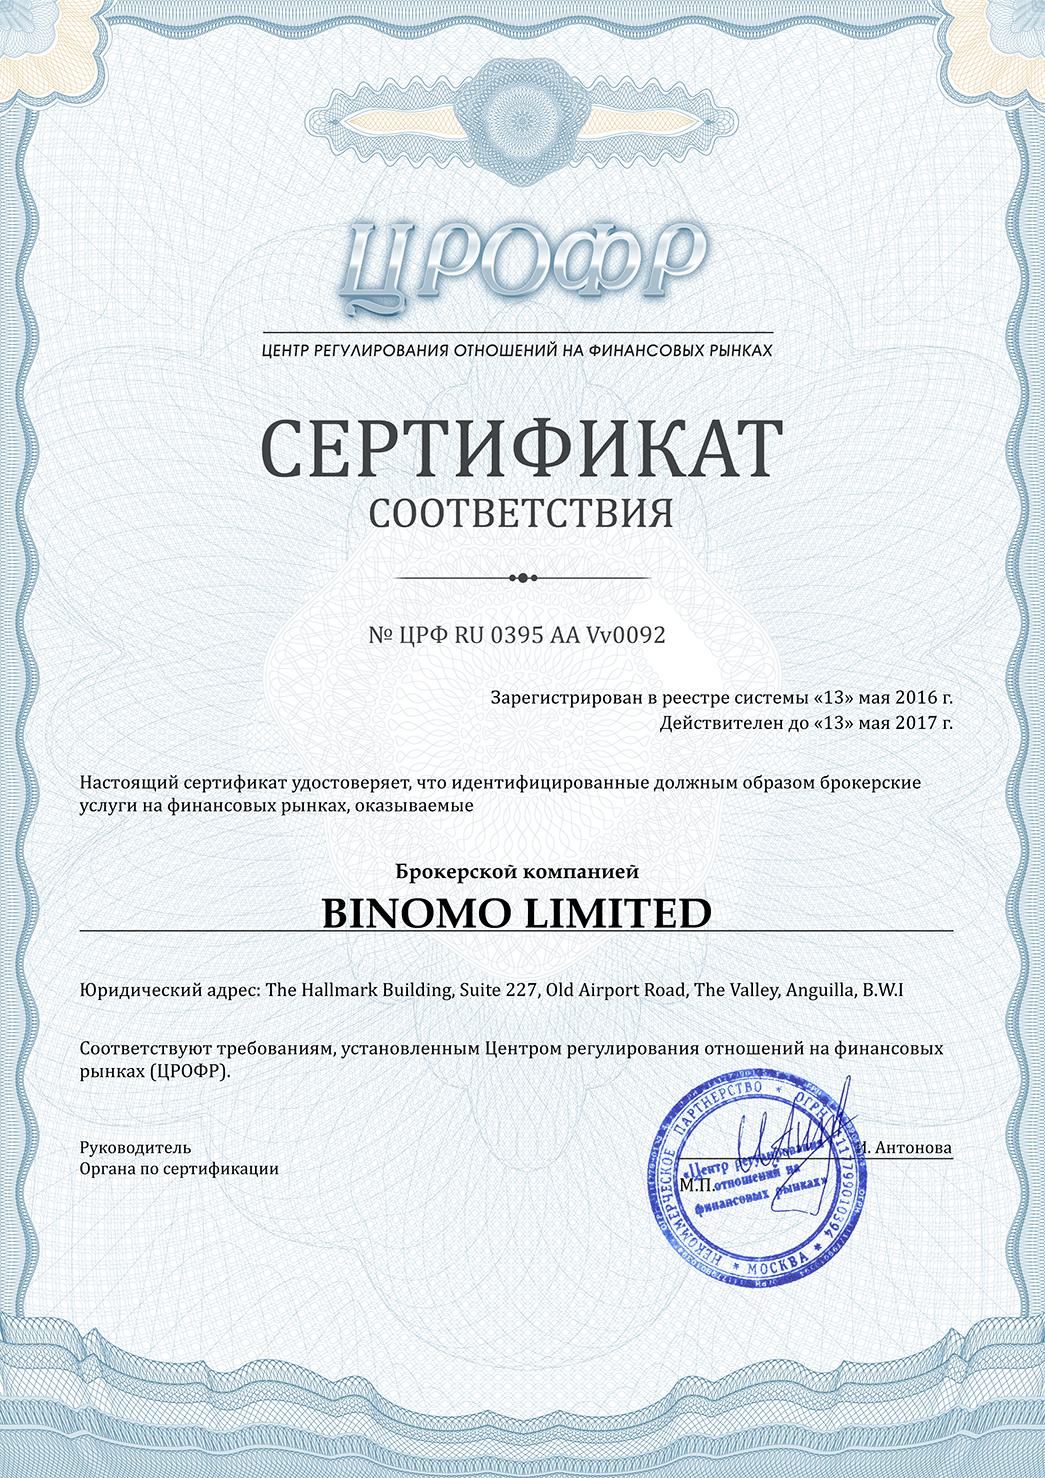 сертификат ЦРОФР стандартизирован